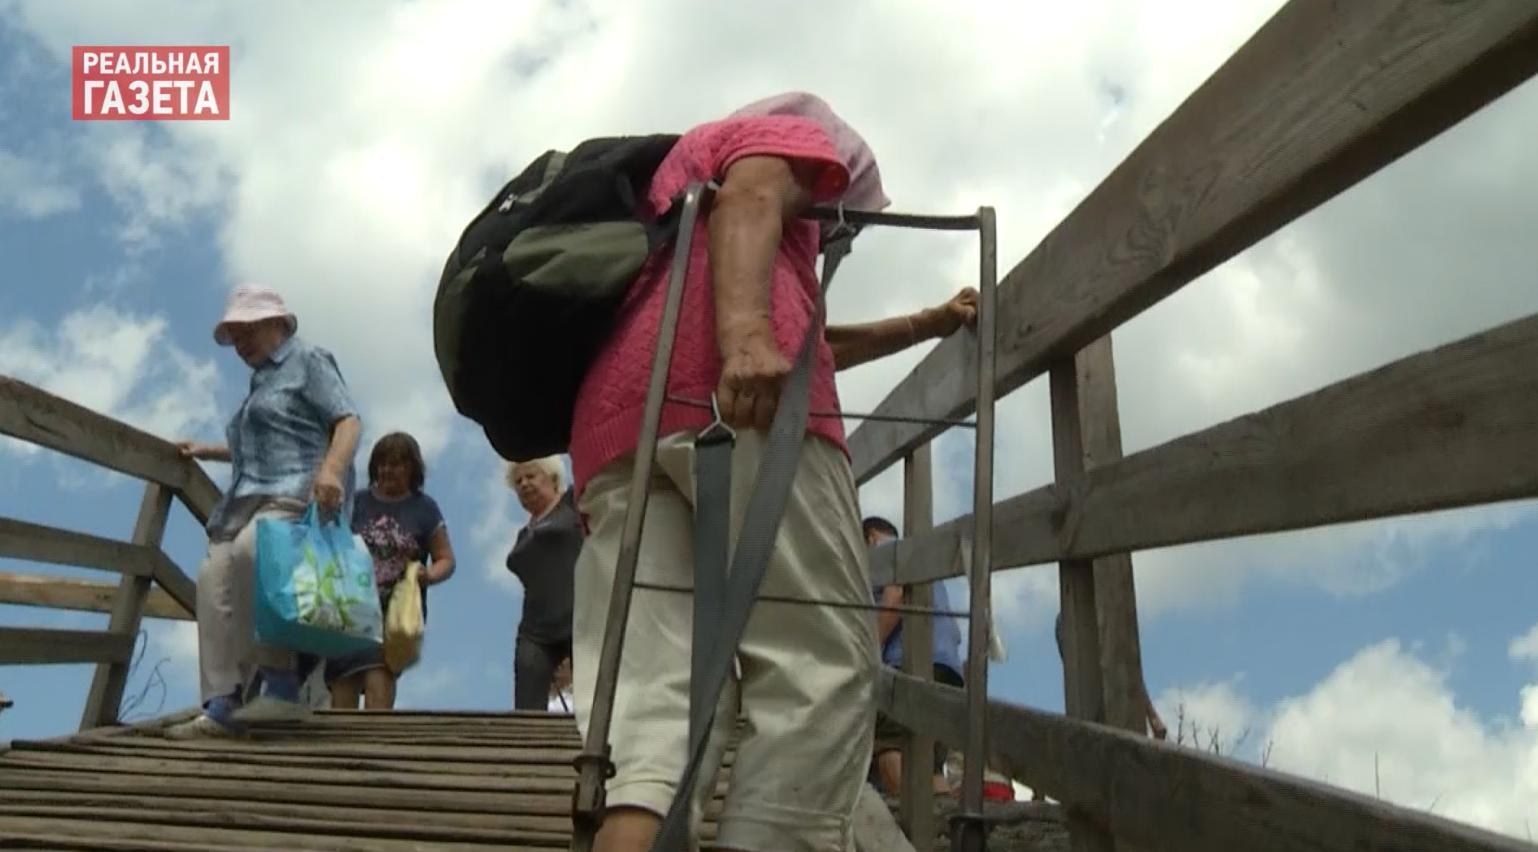 Станица Луганская и надежды на лучшее: от пункта пропуска запустили бесплатный автобус